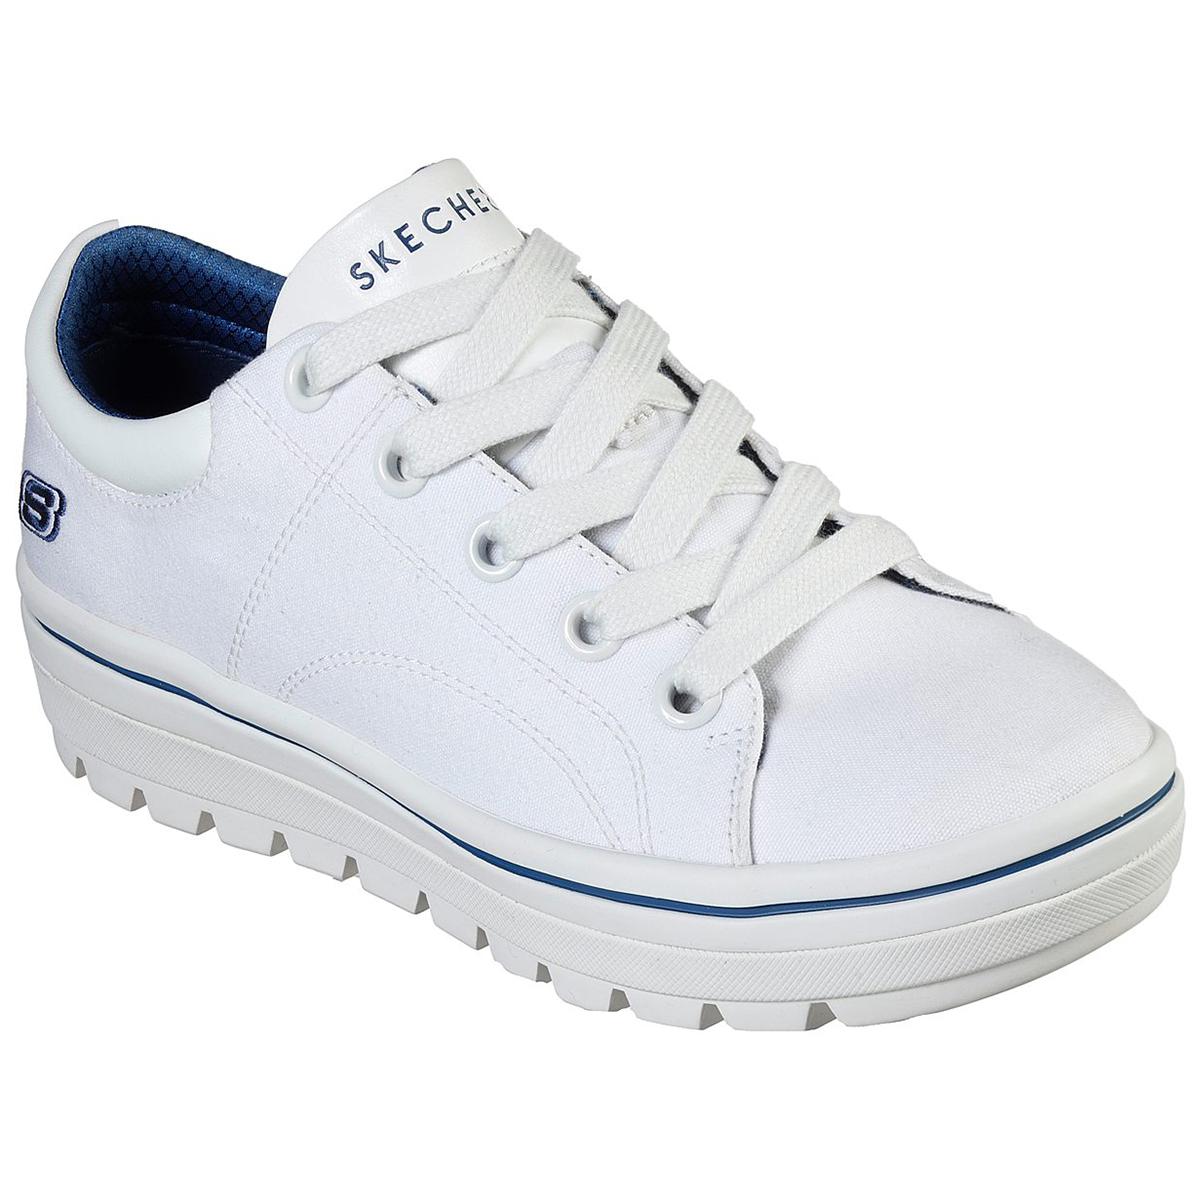 Skechers Women's Street Cleat Bring It Back Sneakers - White, 7